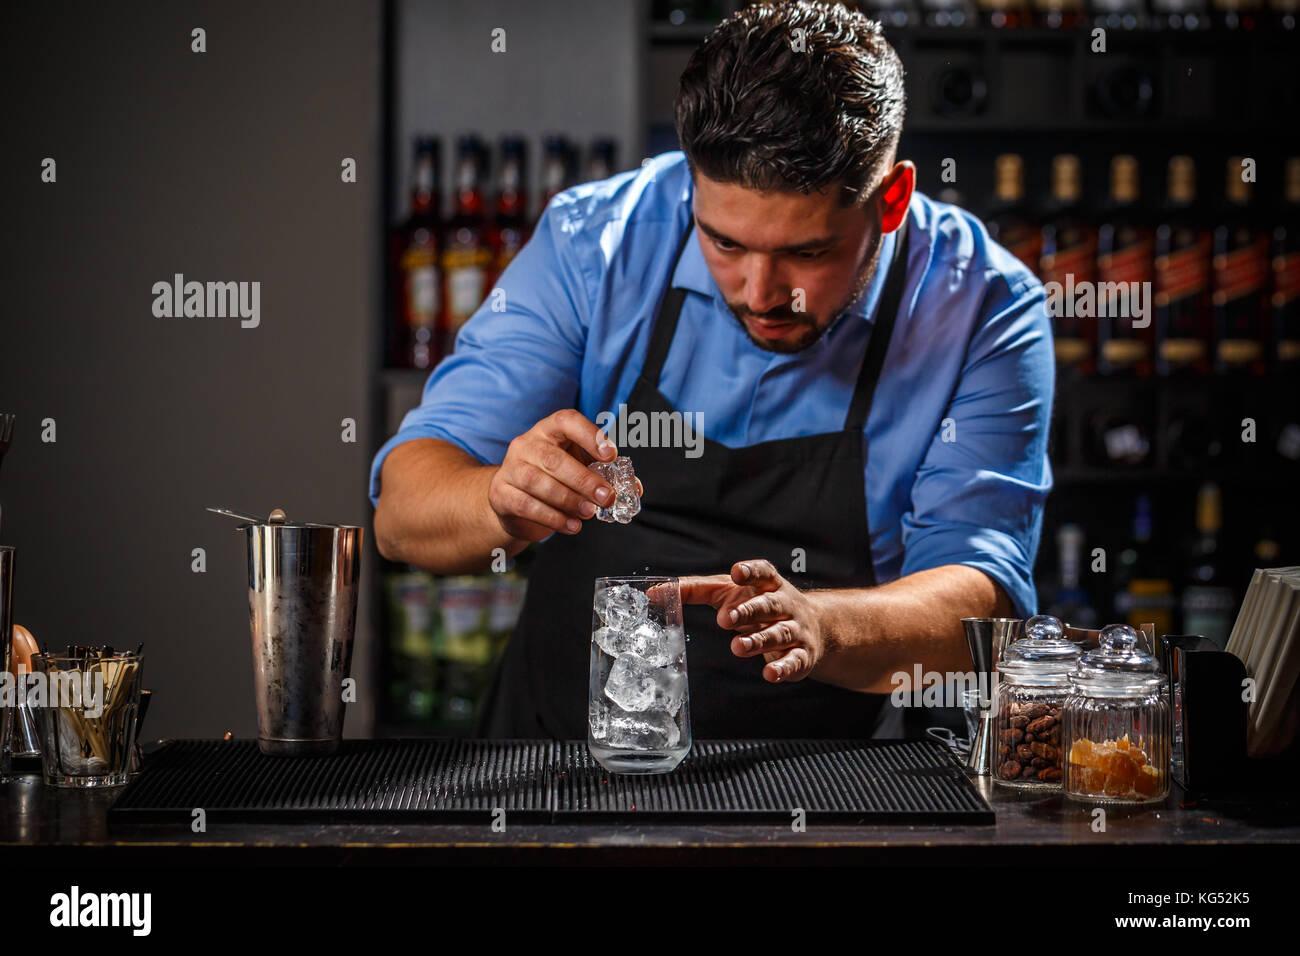 Barkeeper das Eis stellt Eiswürfel im Glas, Barkeeper arbeitet Stockbild